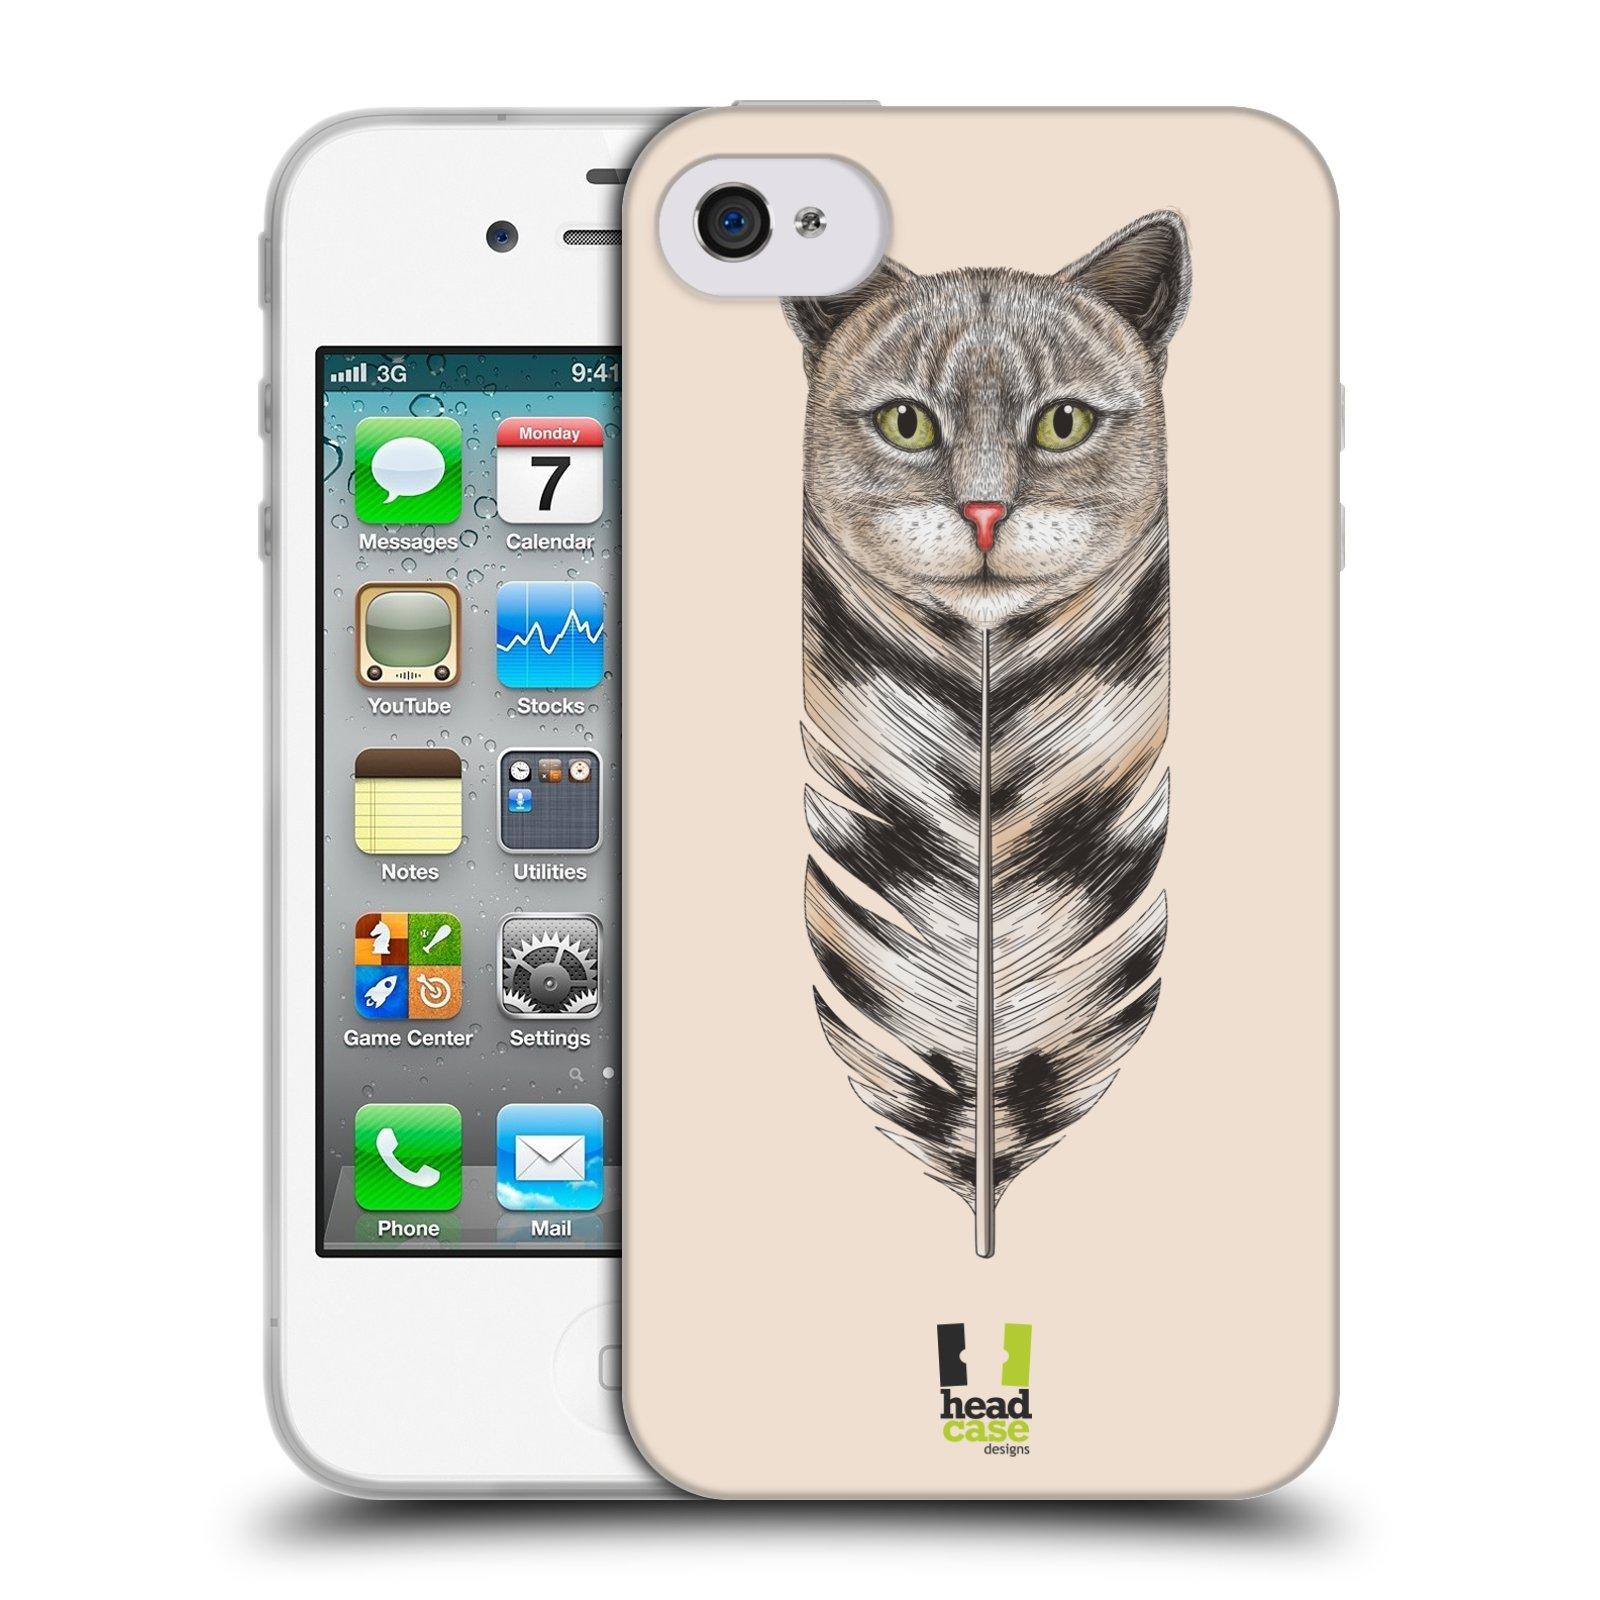 Silikonové pouzdro na mobil Apple iPhone 4 a 4S HEAD CASE PÍRKO KOČKA (Silikonový kryt či obal na mobilní telefon Apple iPhone 4 a 4S)